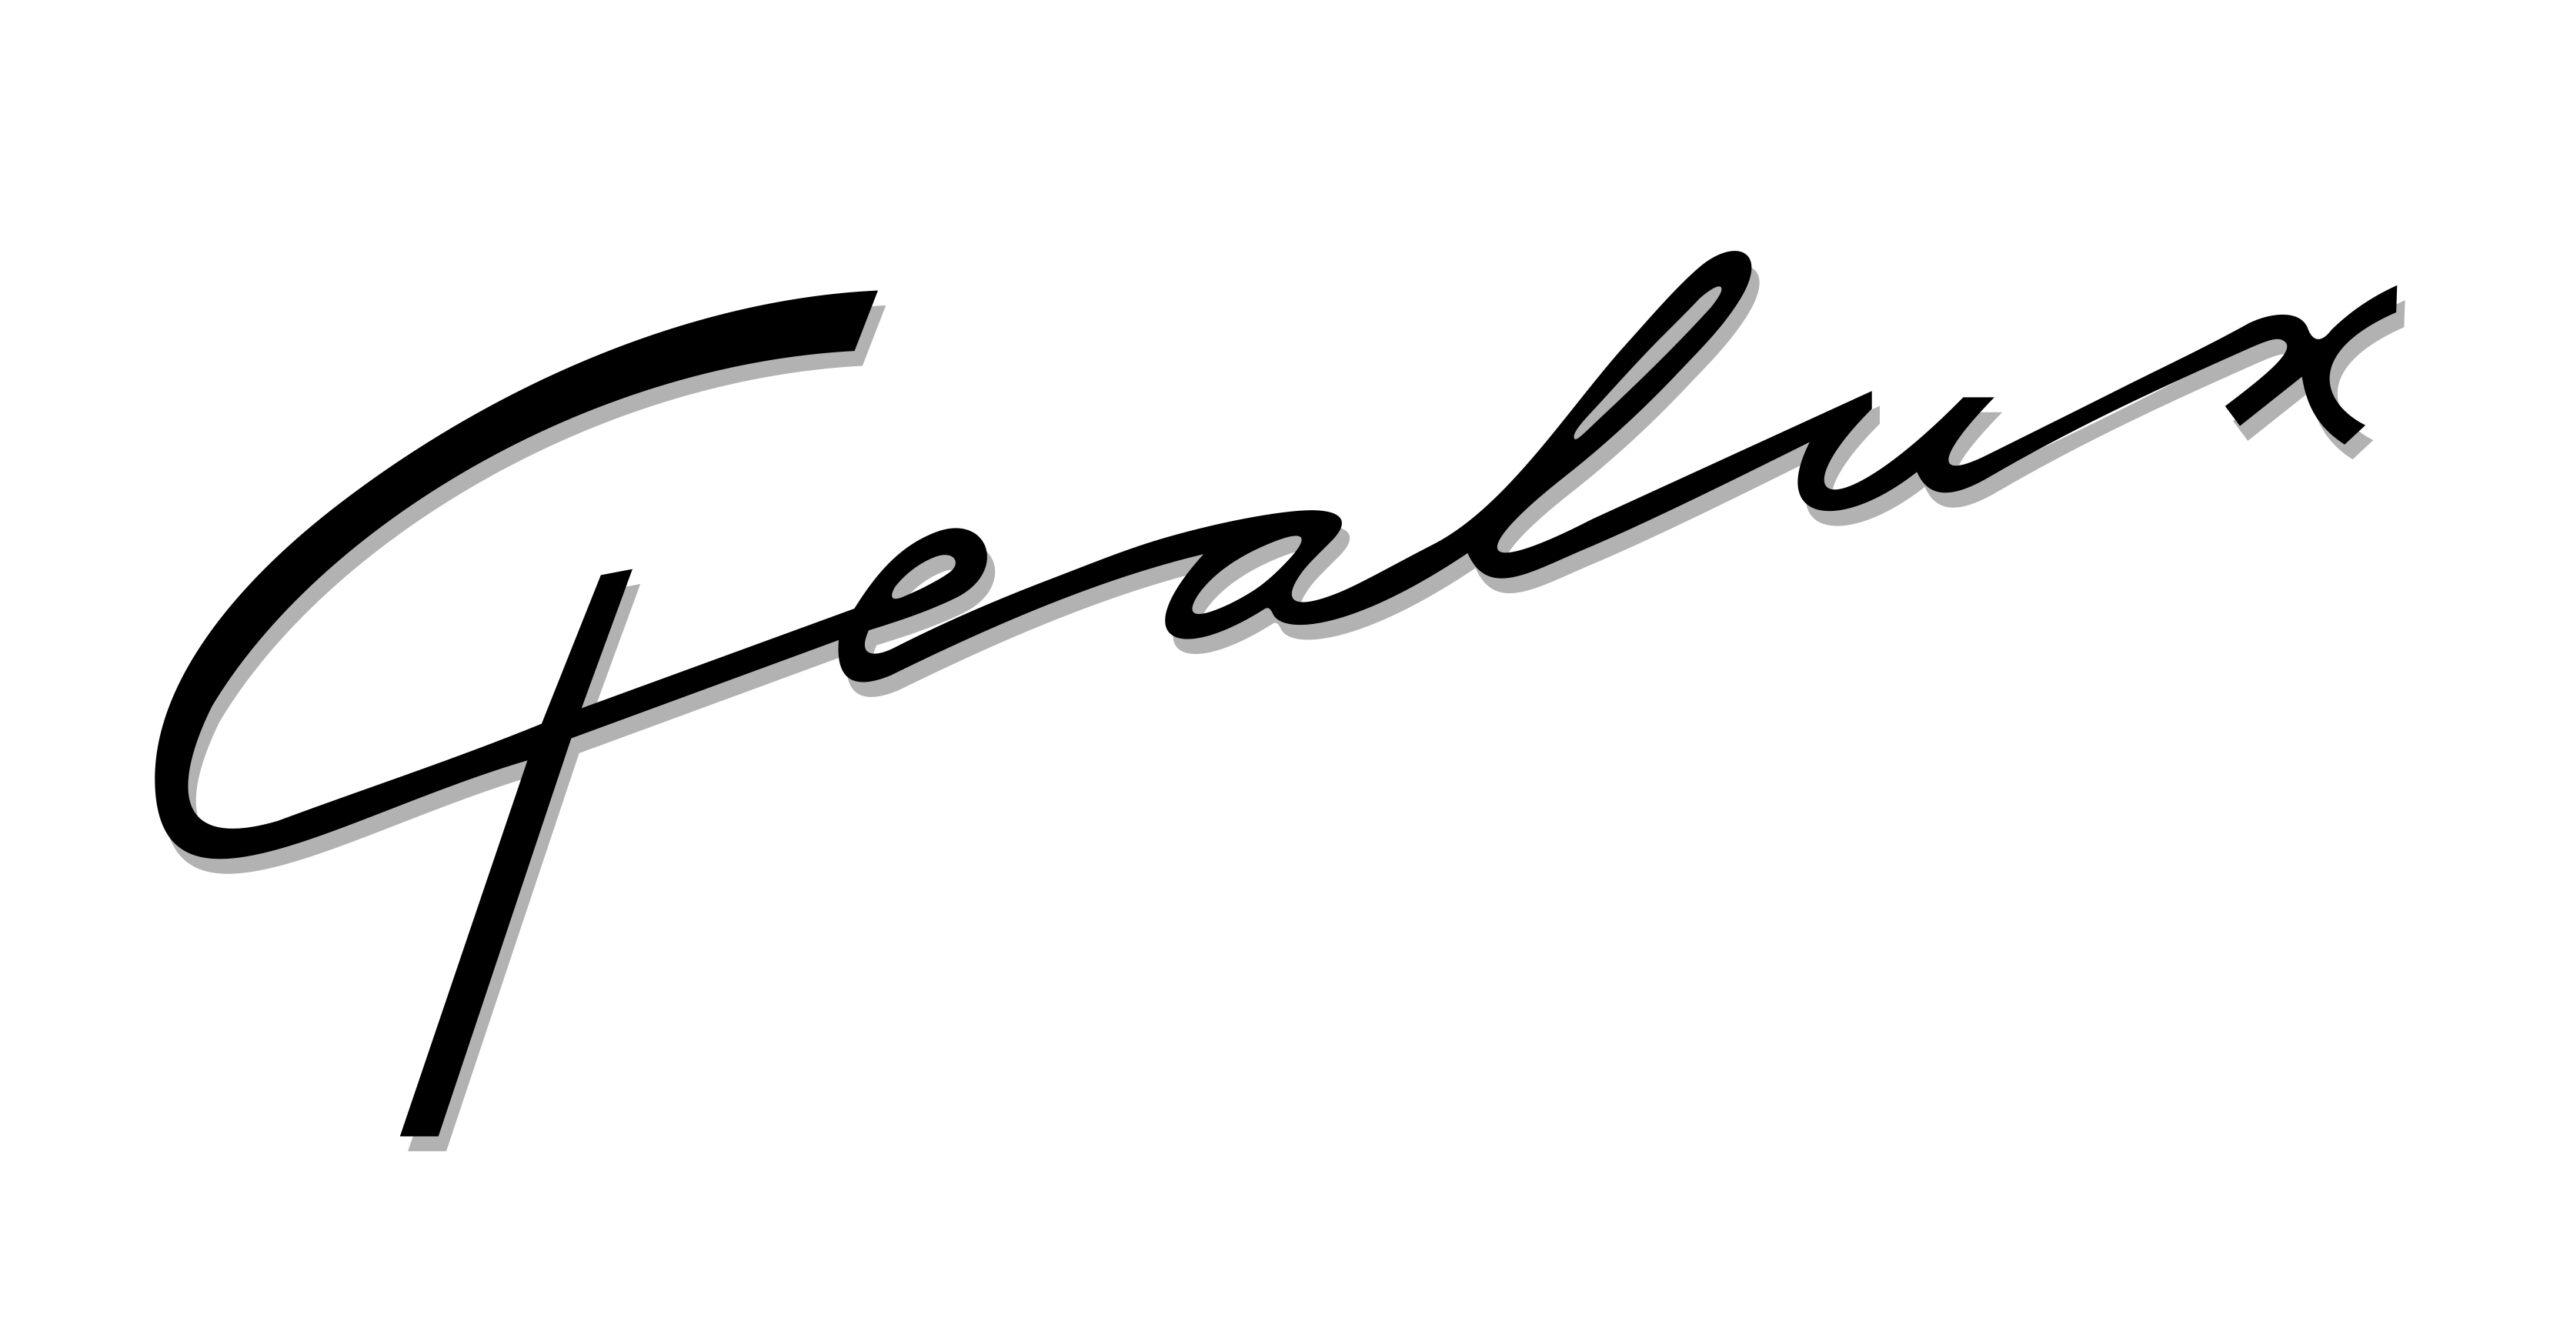 Gealux logo